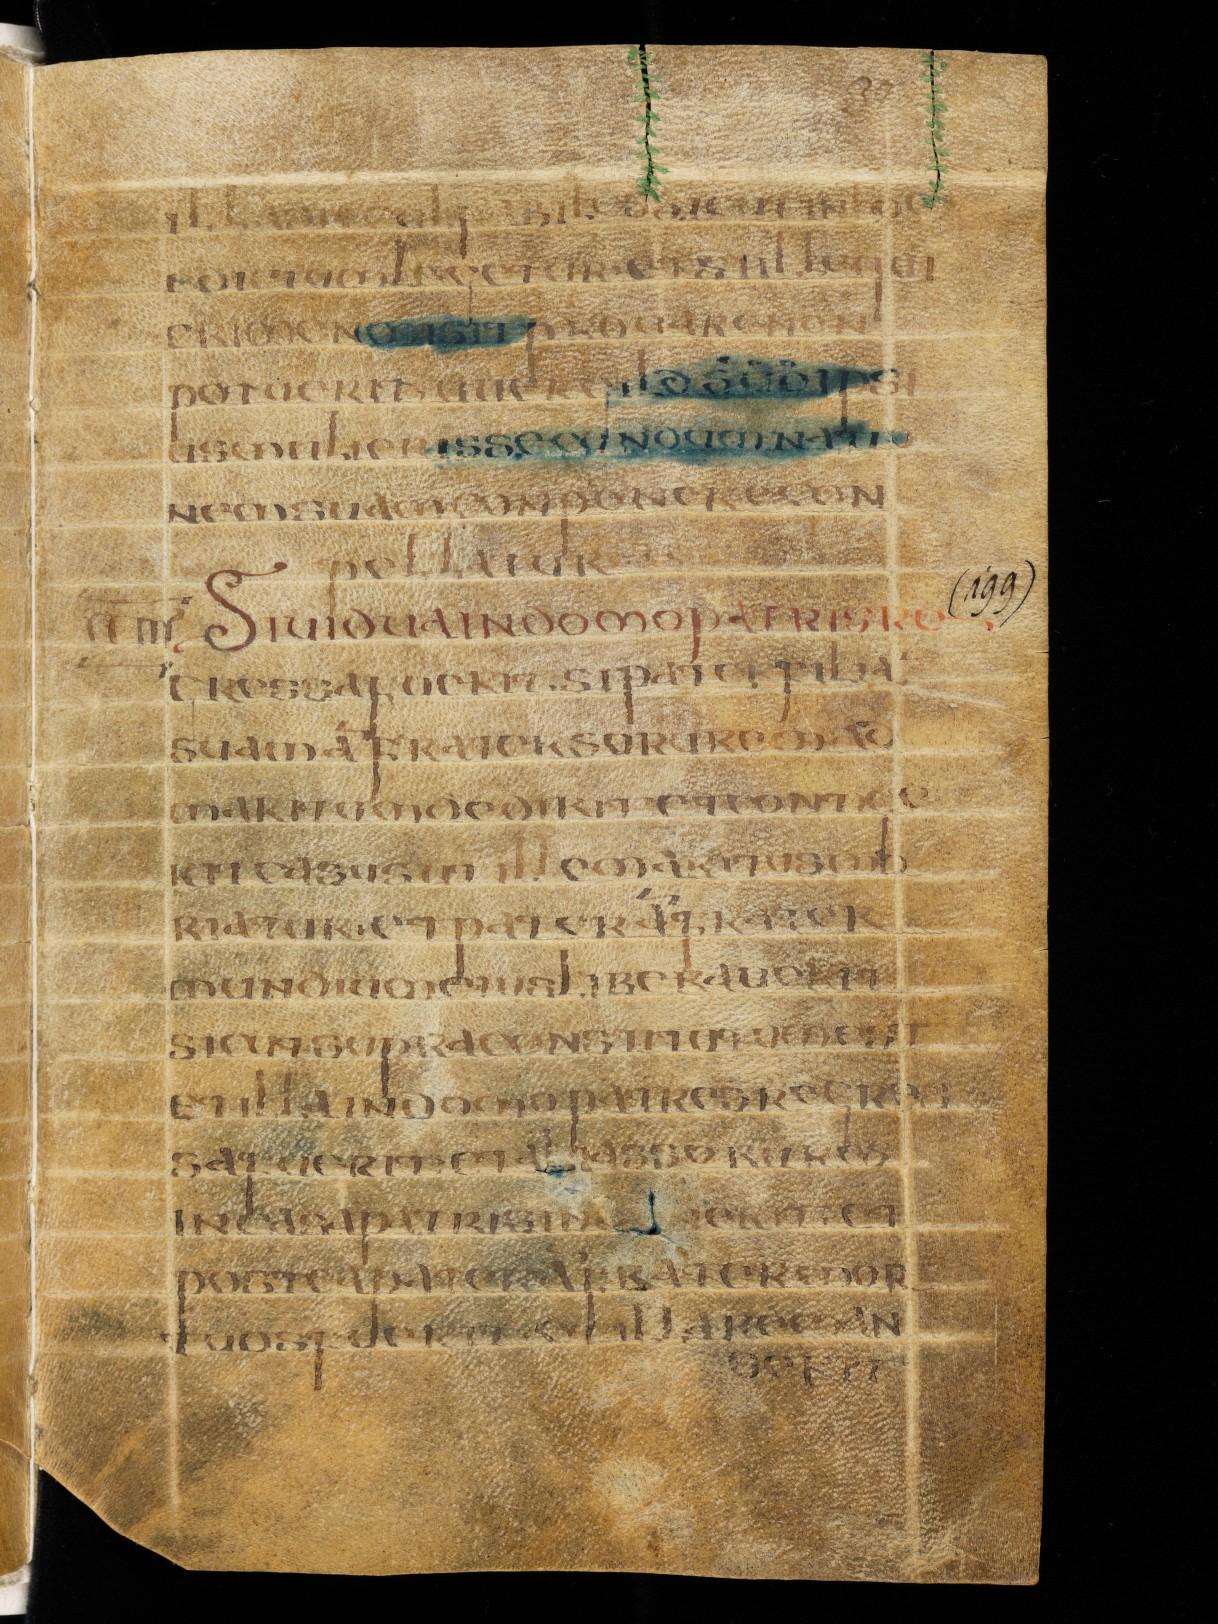 Cod. Sang. 730, p. 39